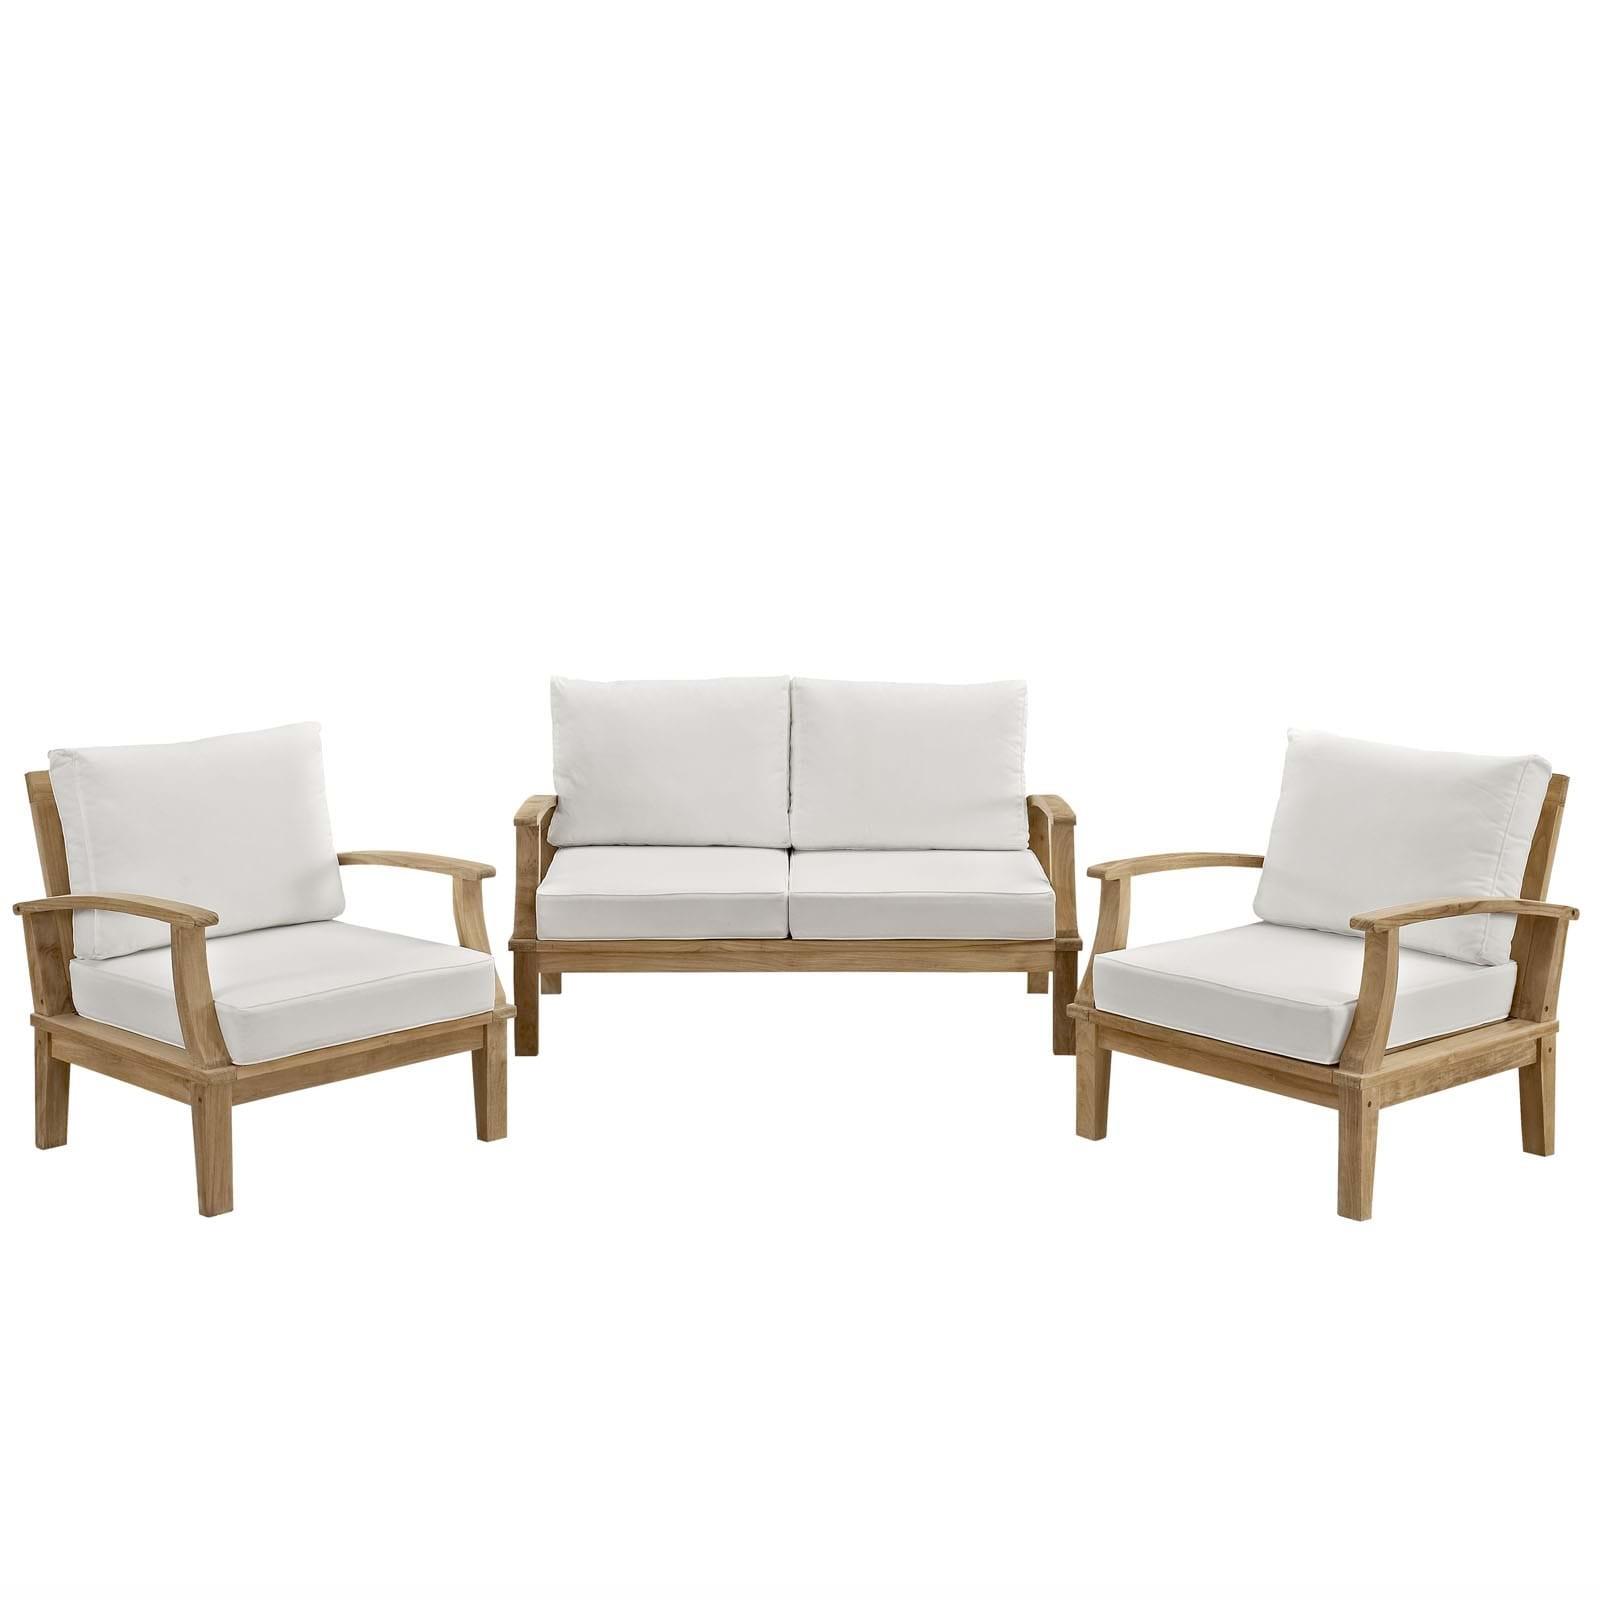 Marina 3 Piece Outdoor Patio Teak Sofa Set